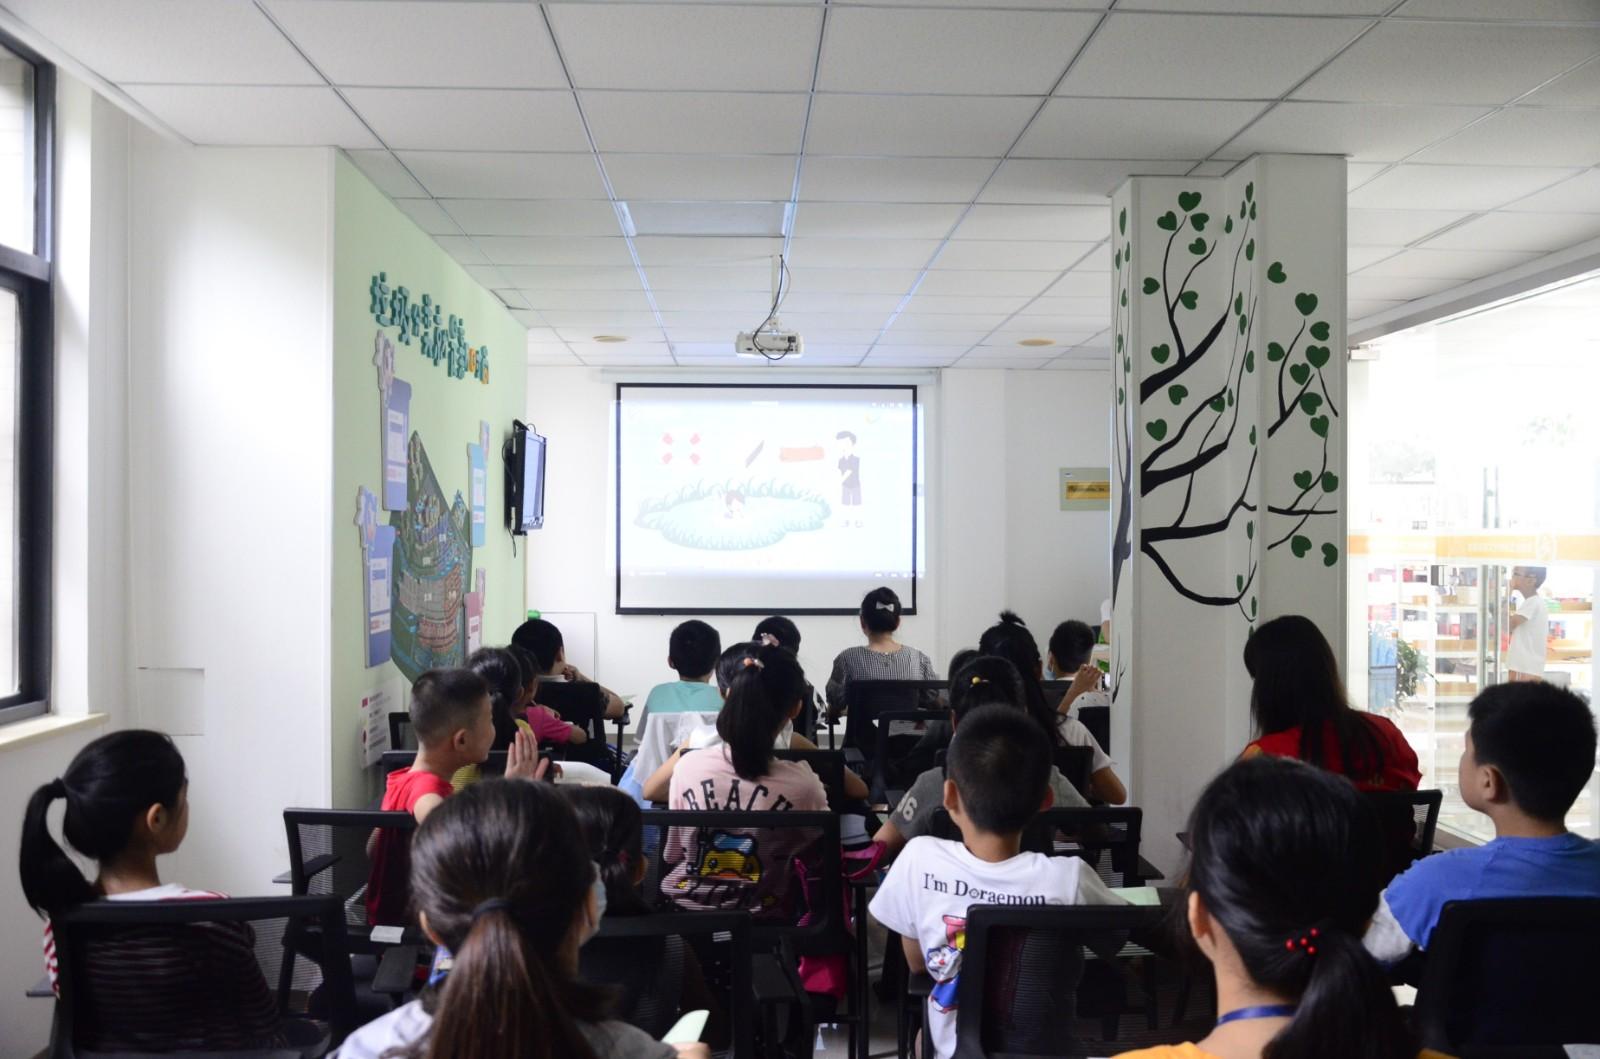 http://www.goschool.org.cn/d/file/12530500.jpg